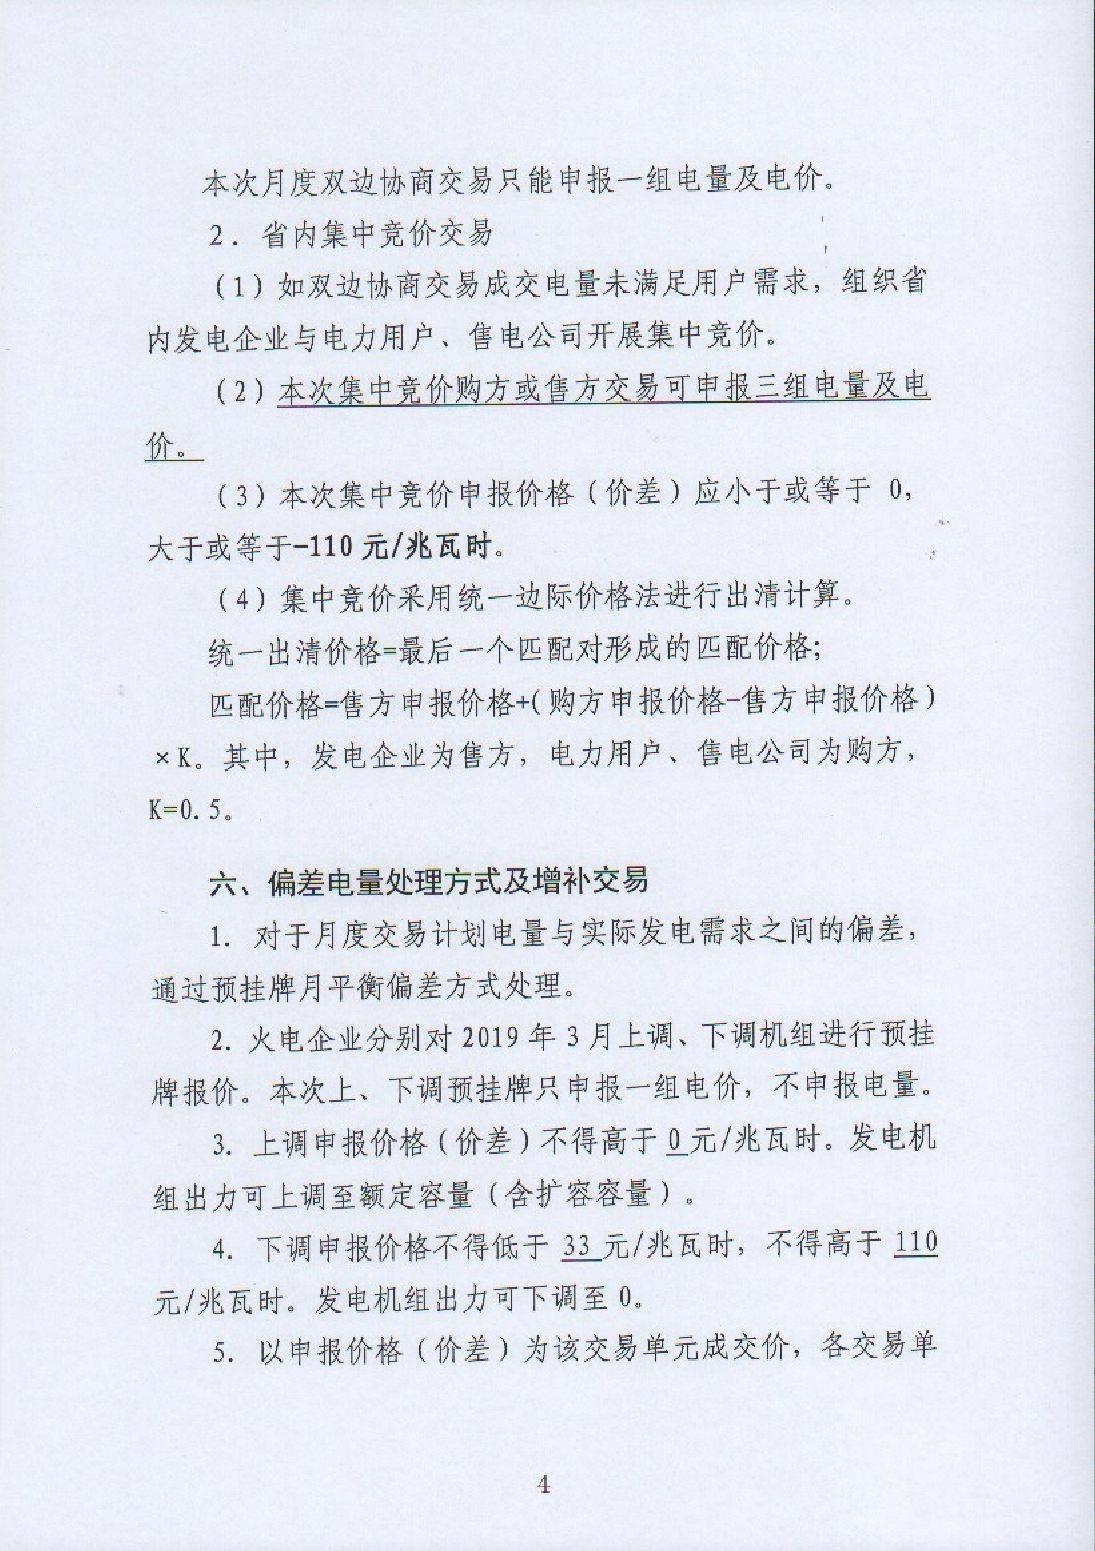 湖南電力交易中心有限公司關于2019年3月電力市場交易的公告.pdf_page_4_compressed.jpg